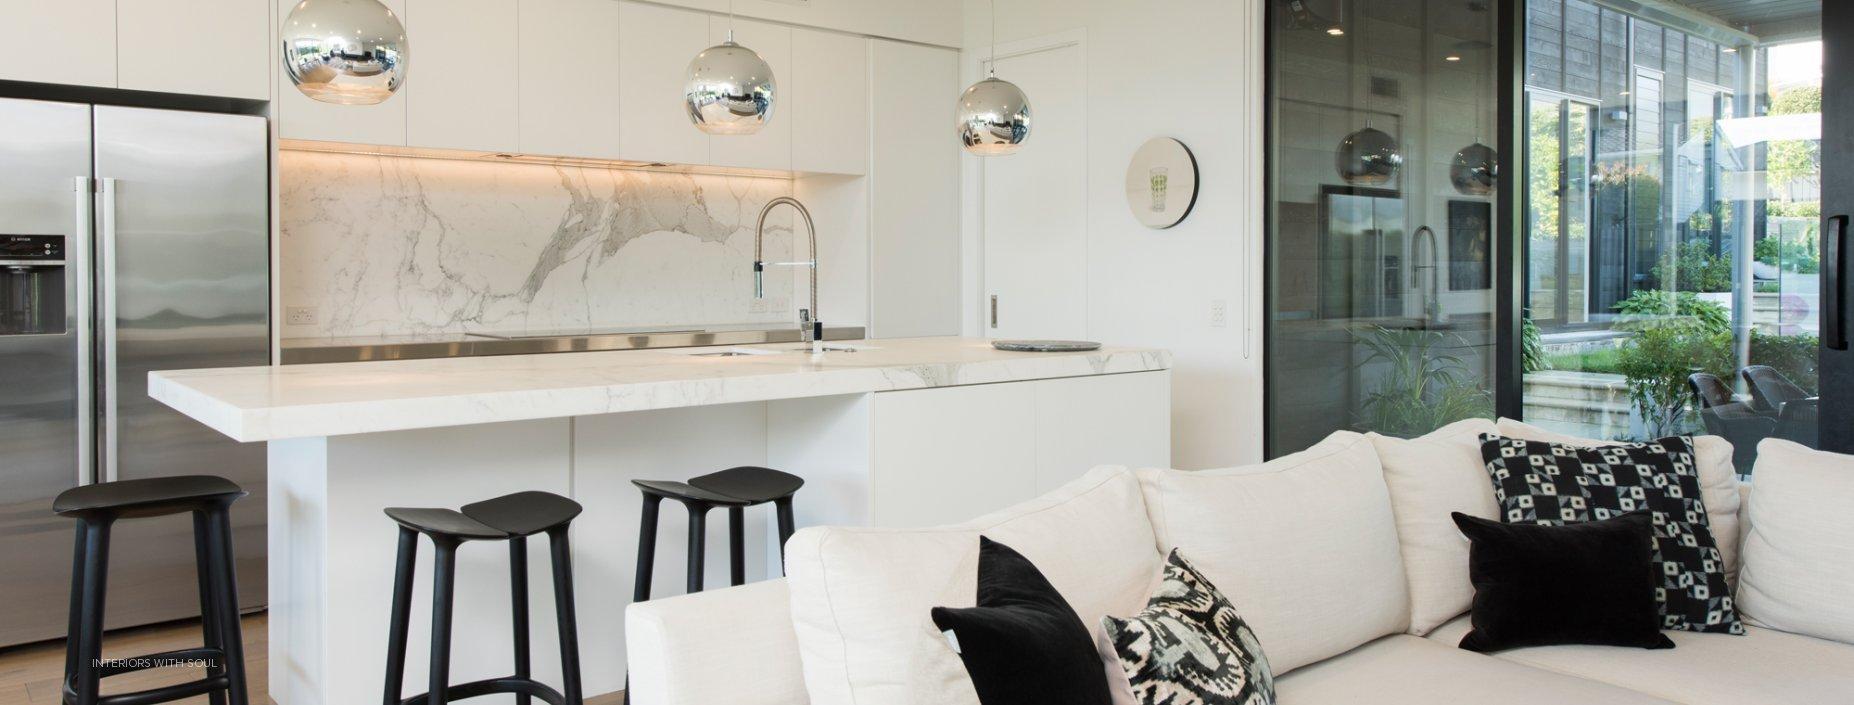 CV Interiors Kitchen